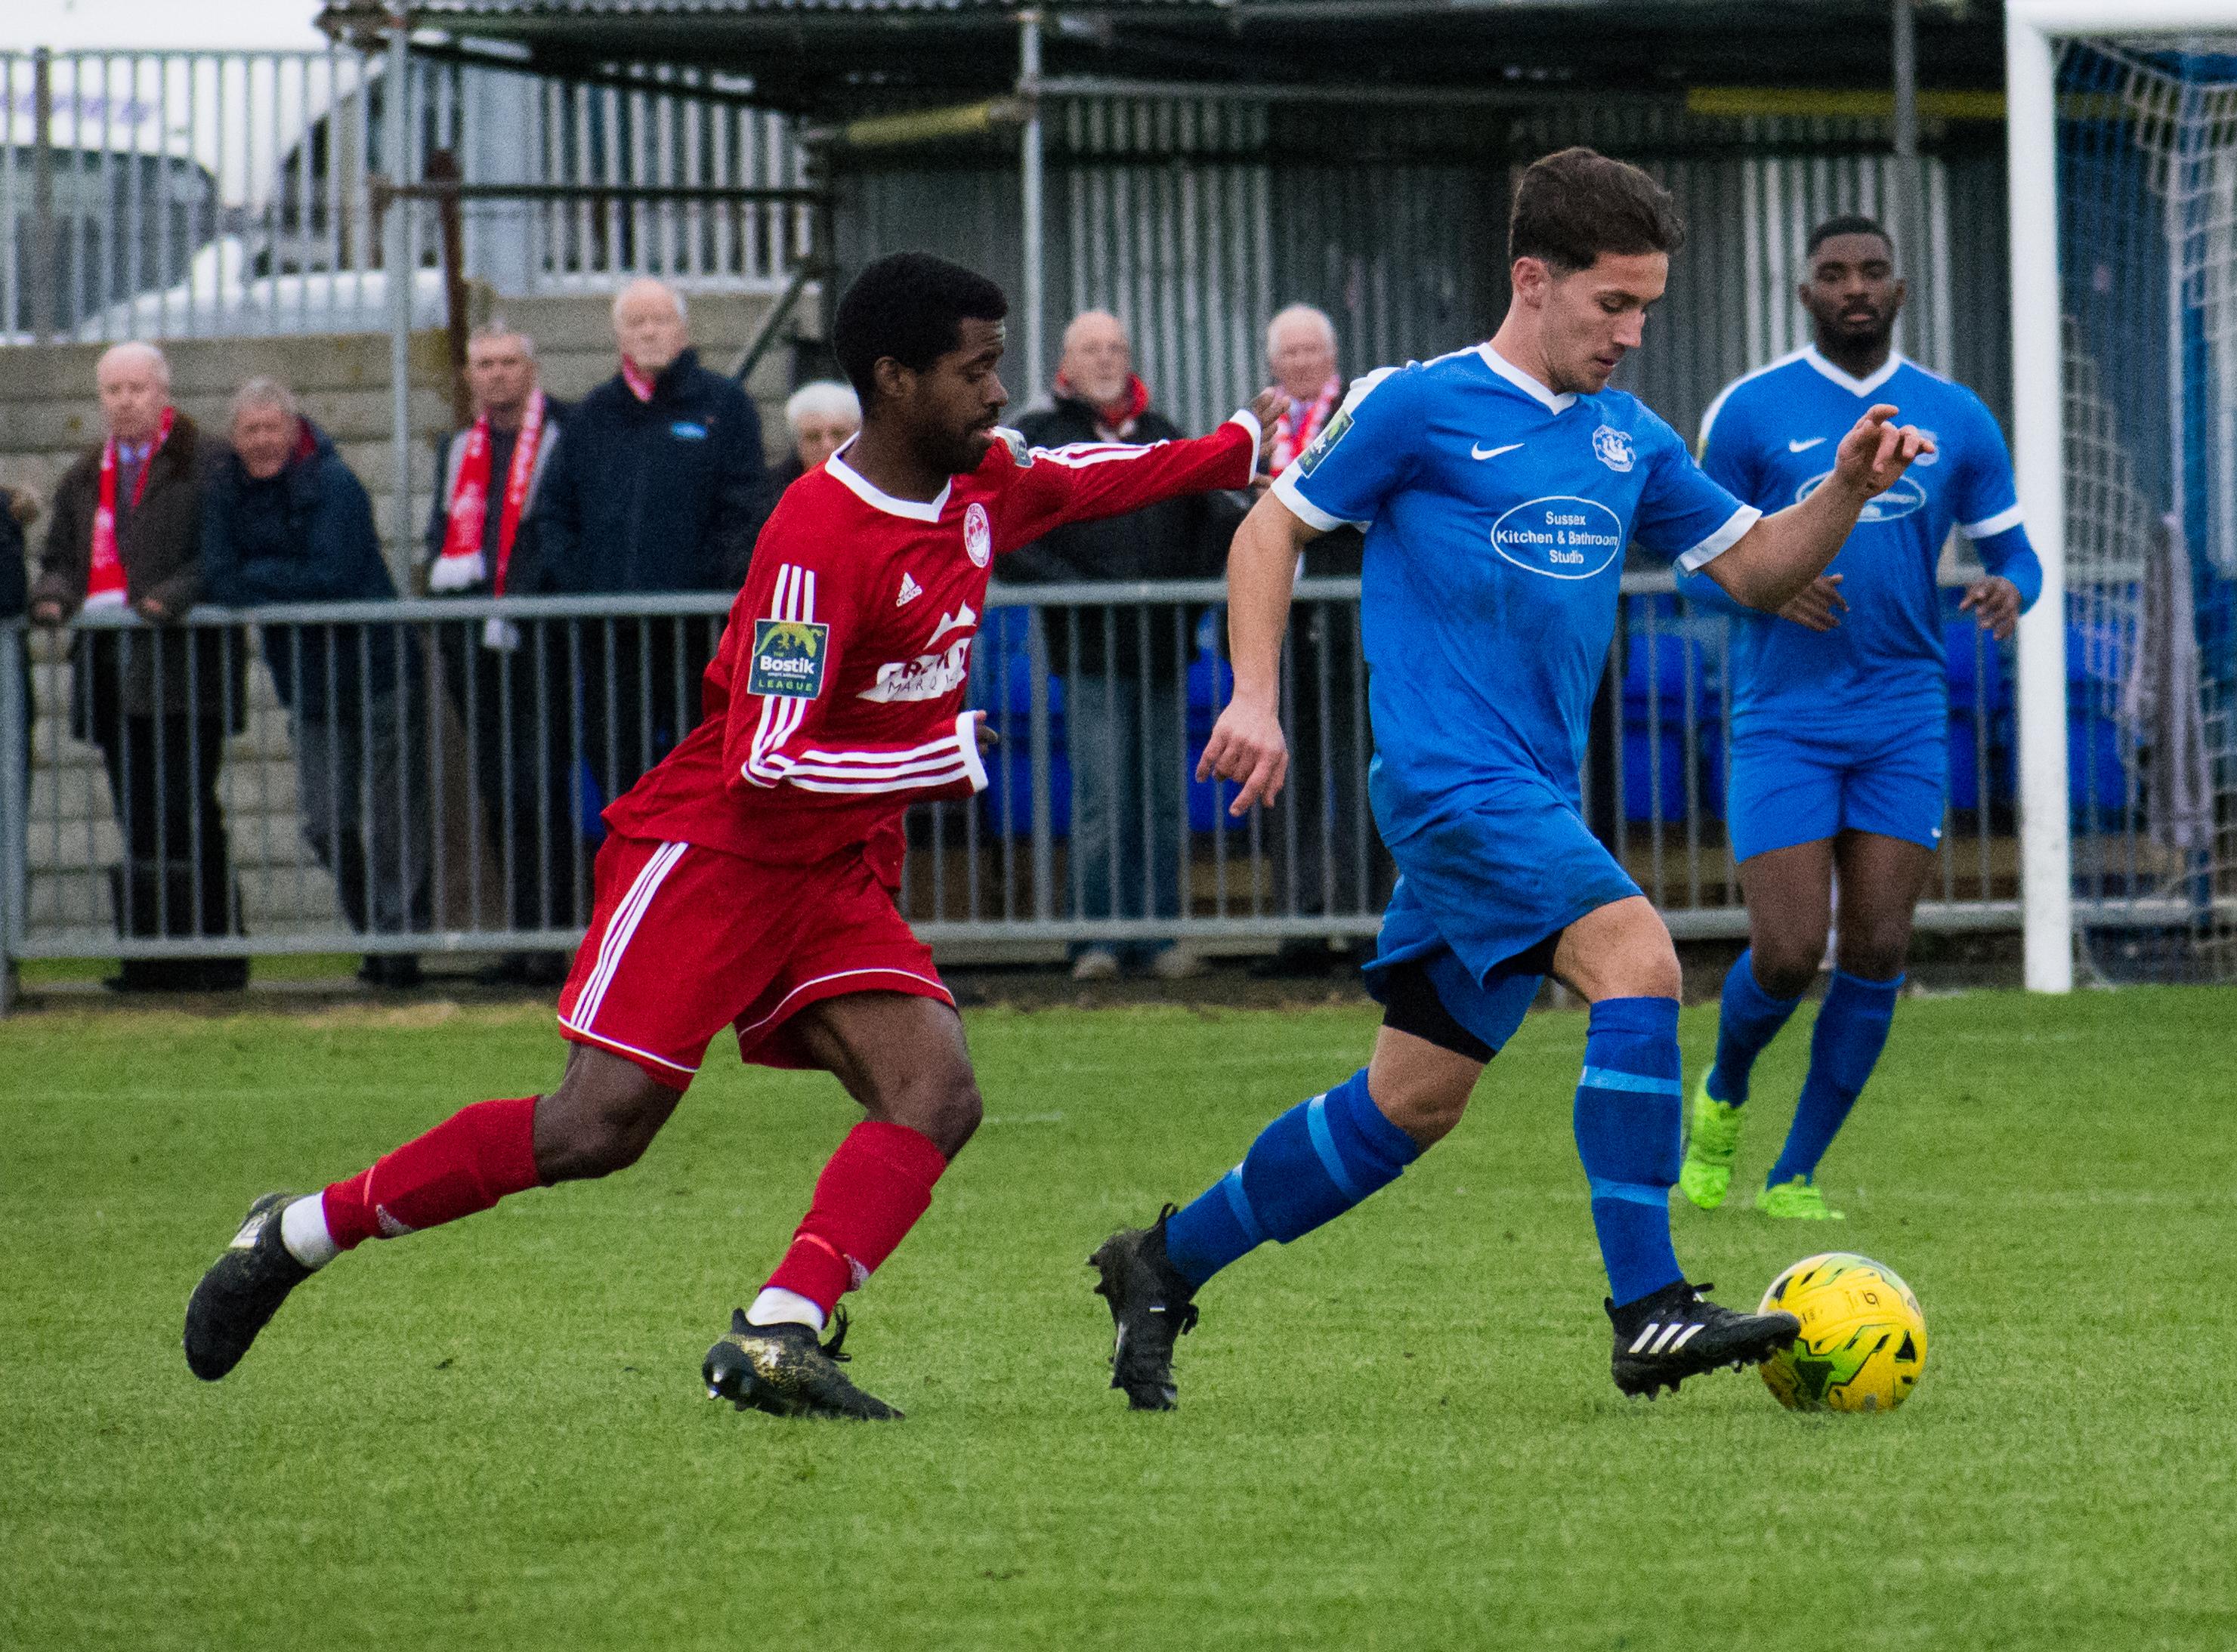 Shoreham FC vs Hythe Town 11.11.17 32